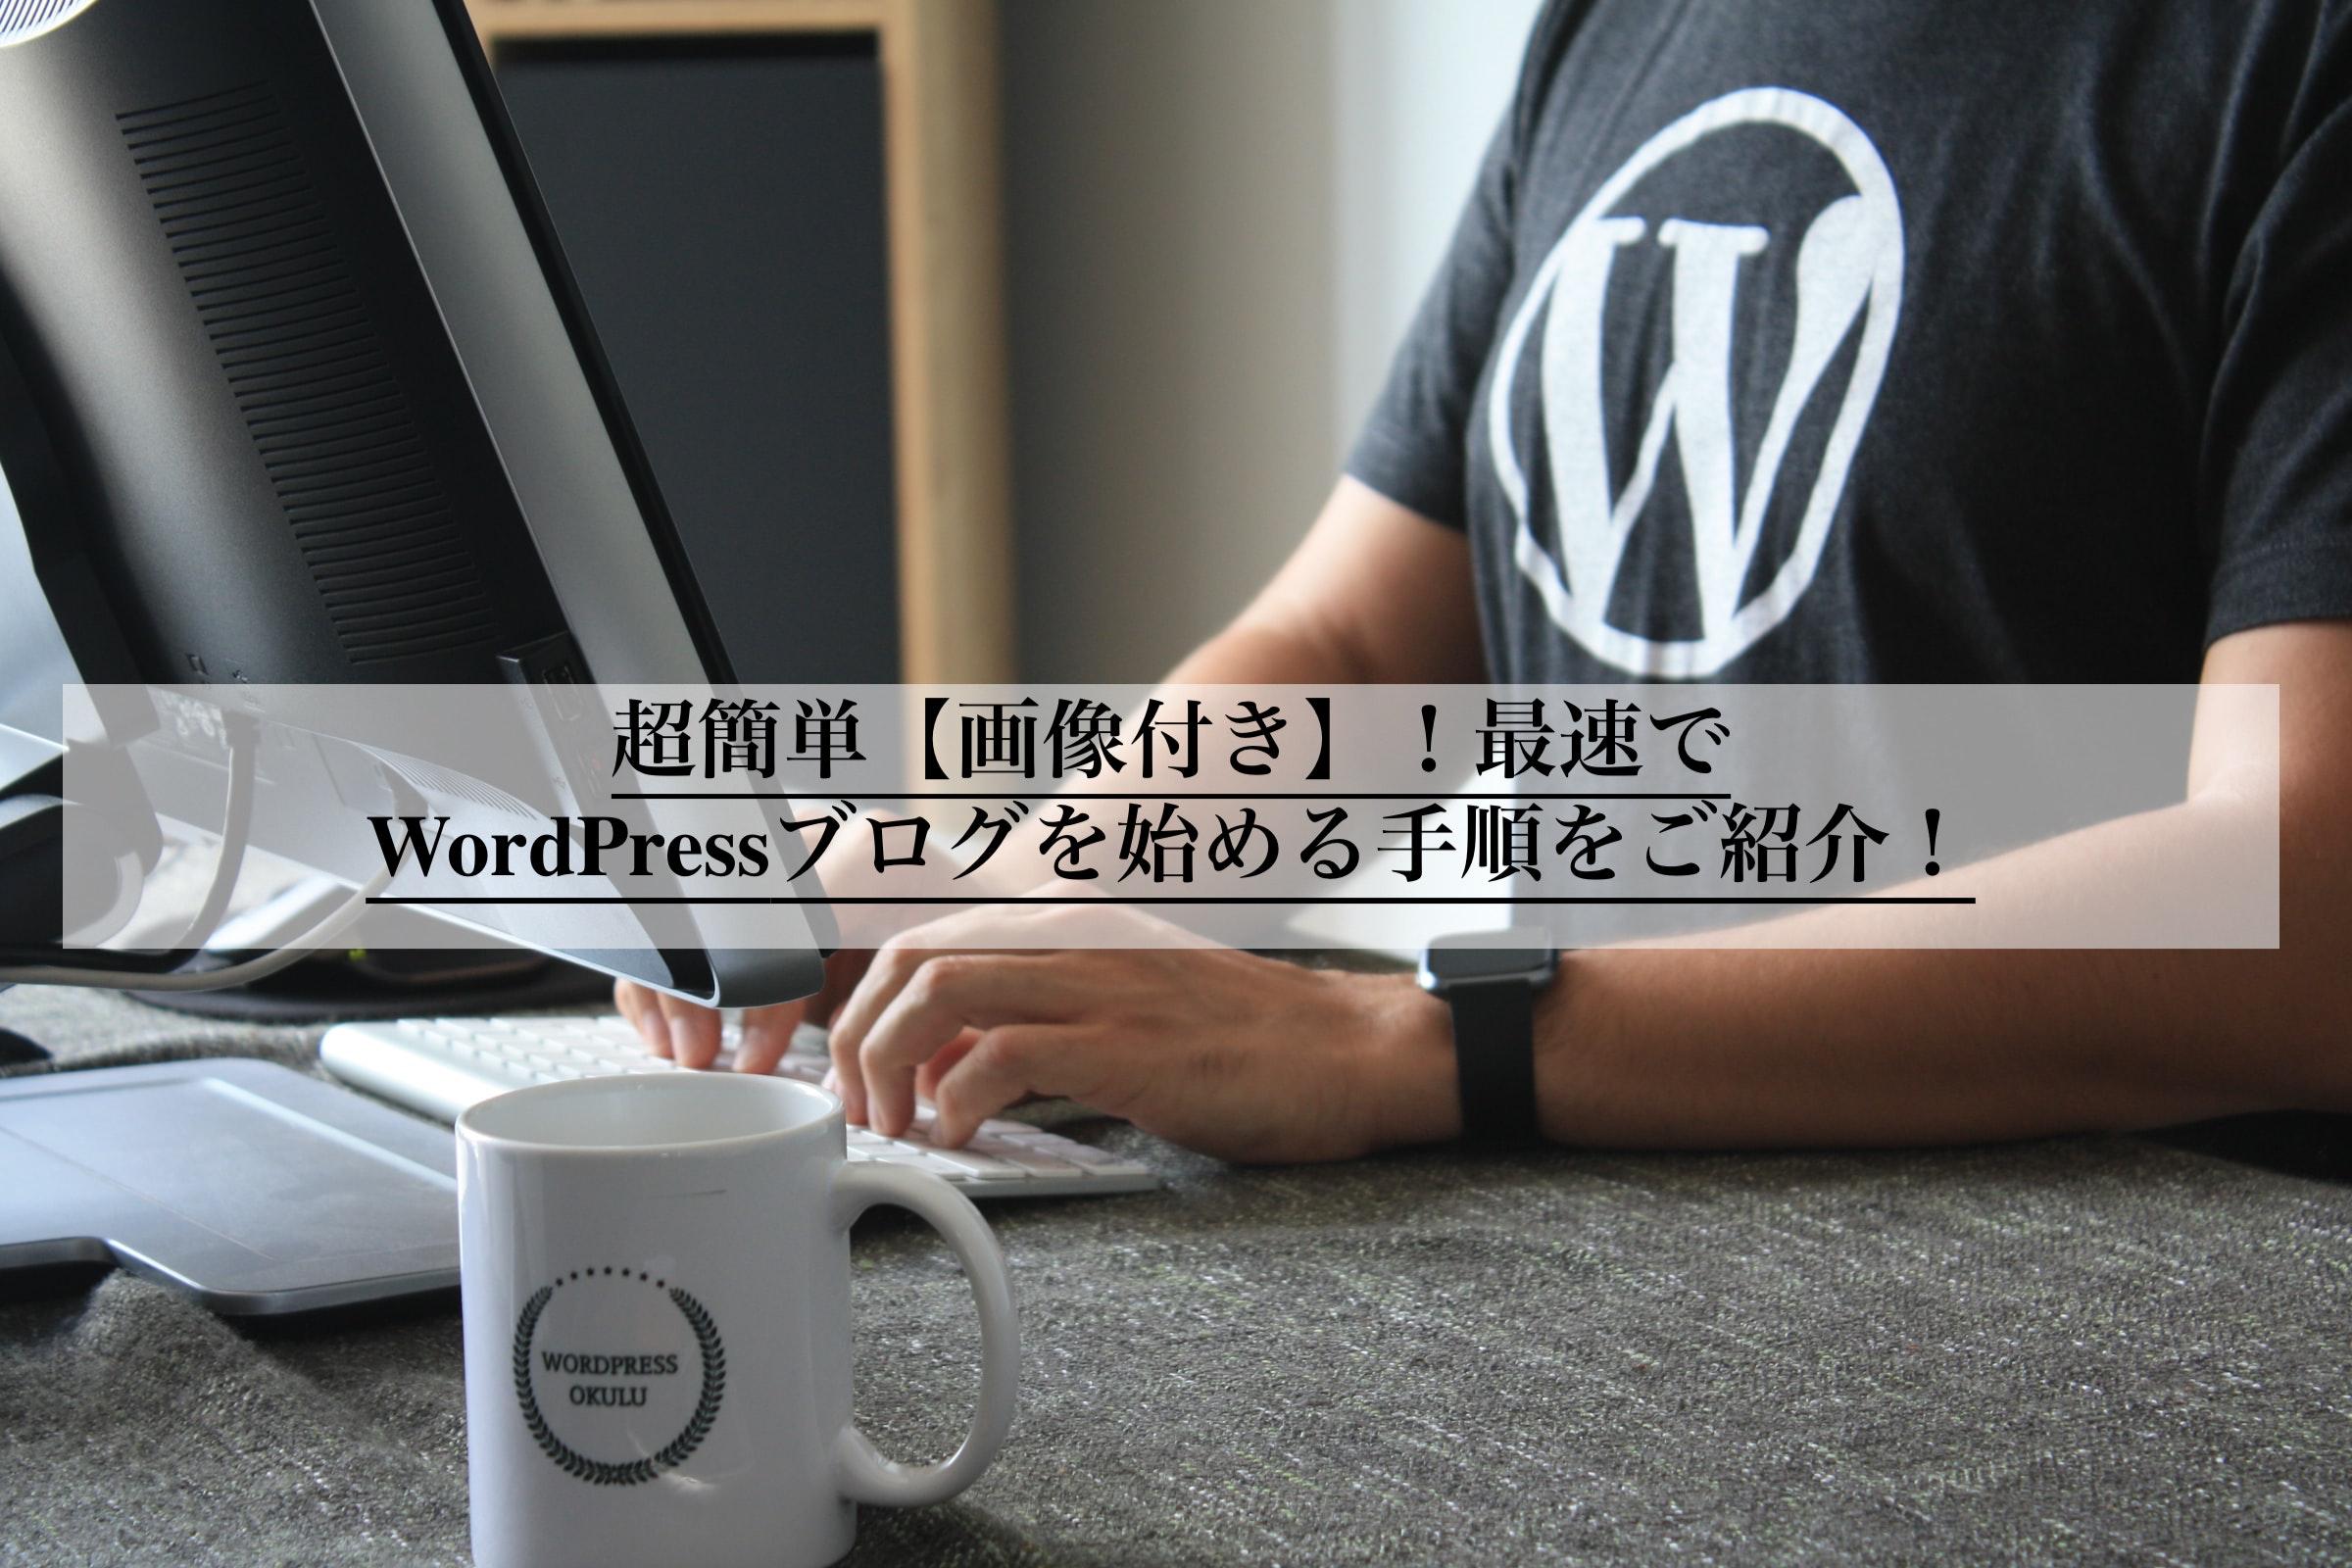 超簡単【画像付き】!最速でWordPressブログを始める手順をご紹介!